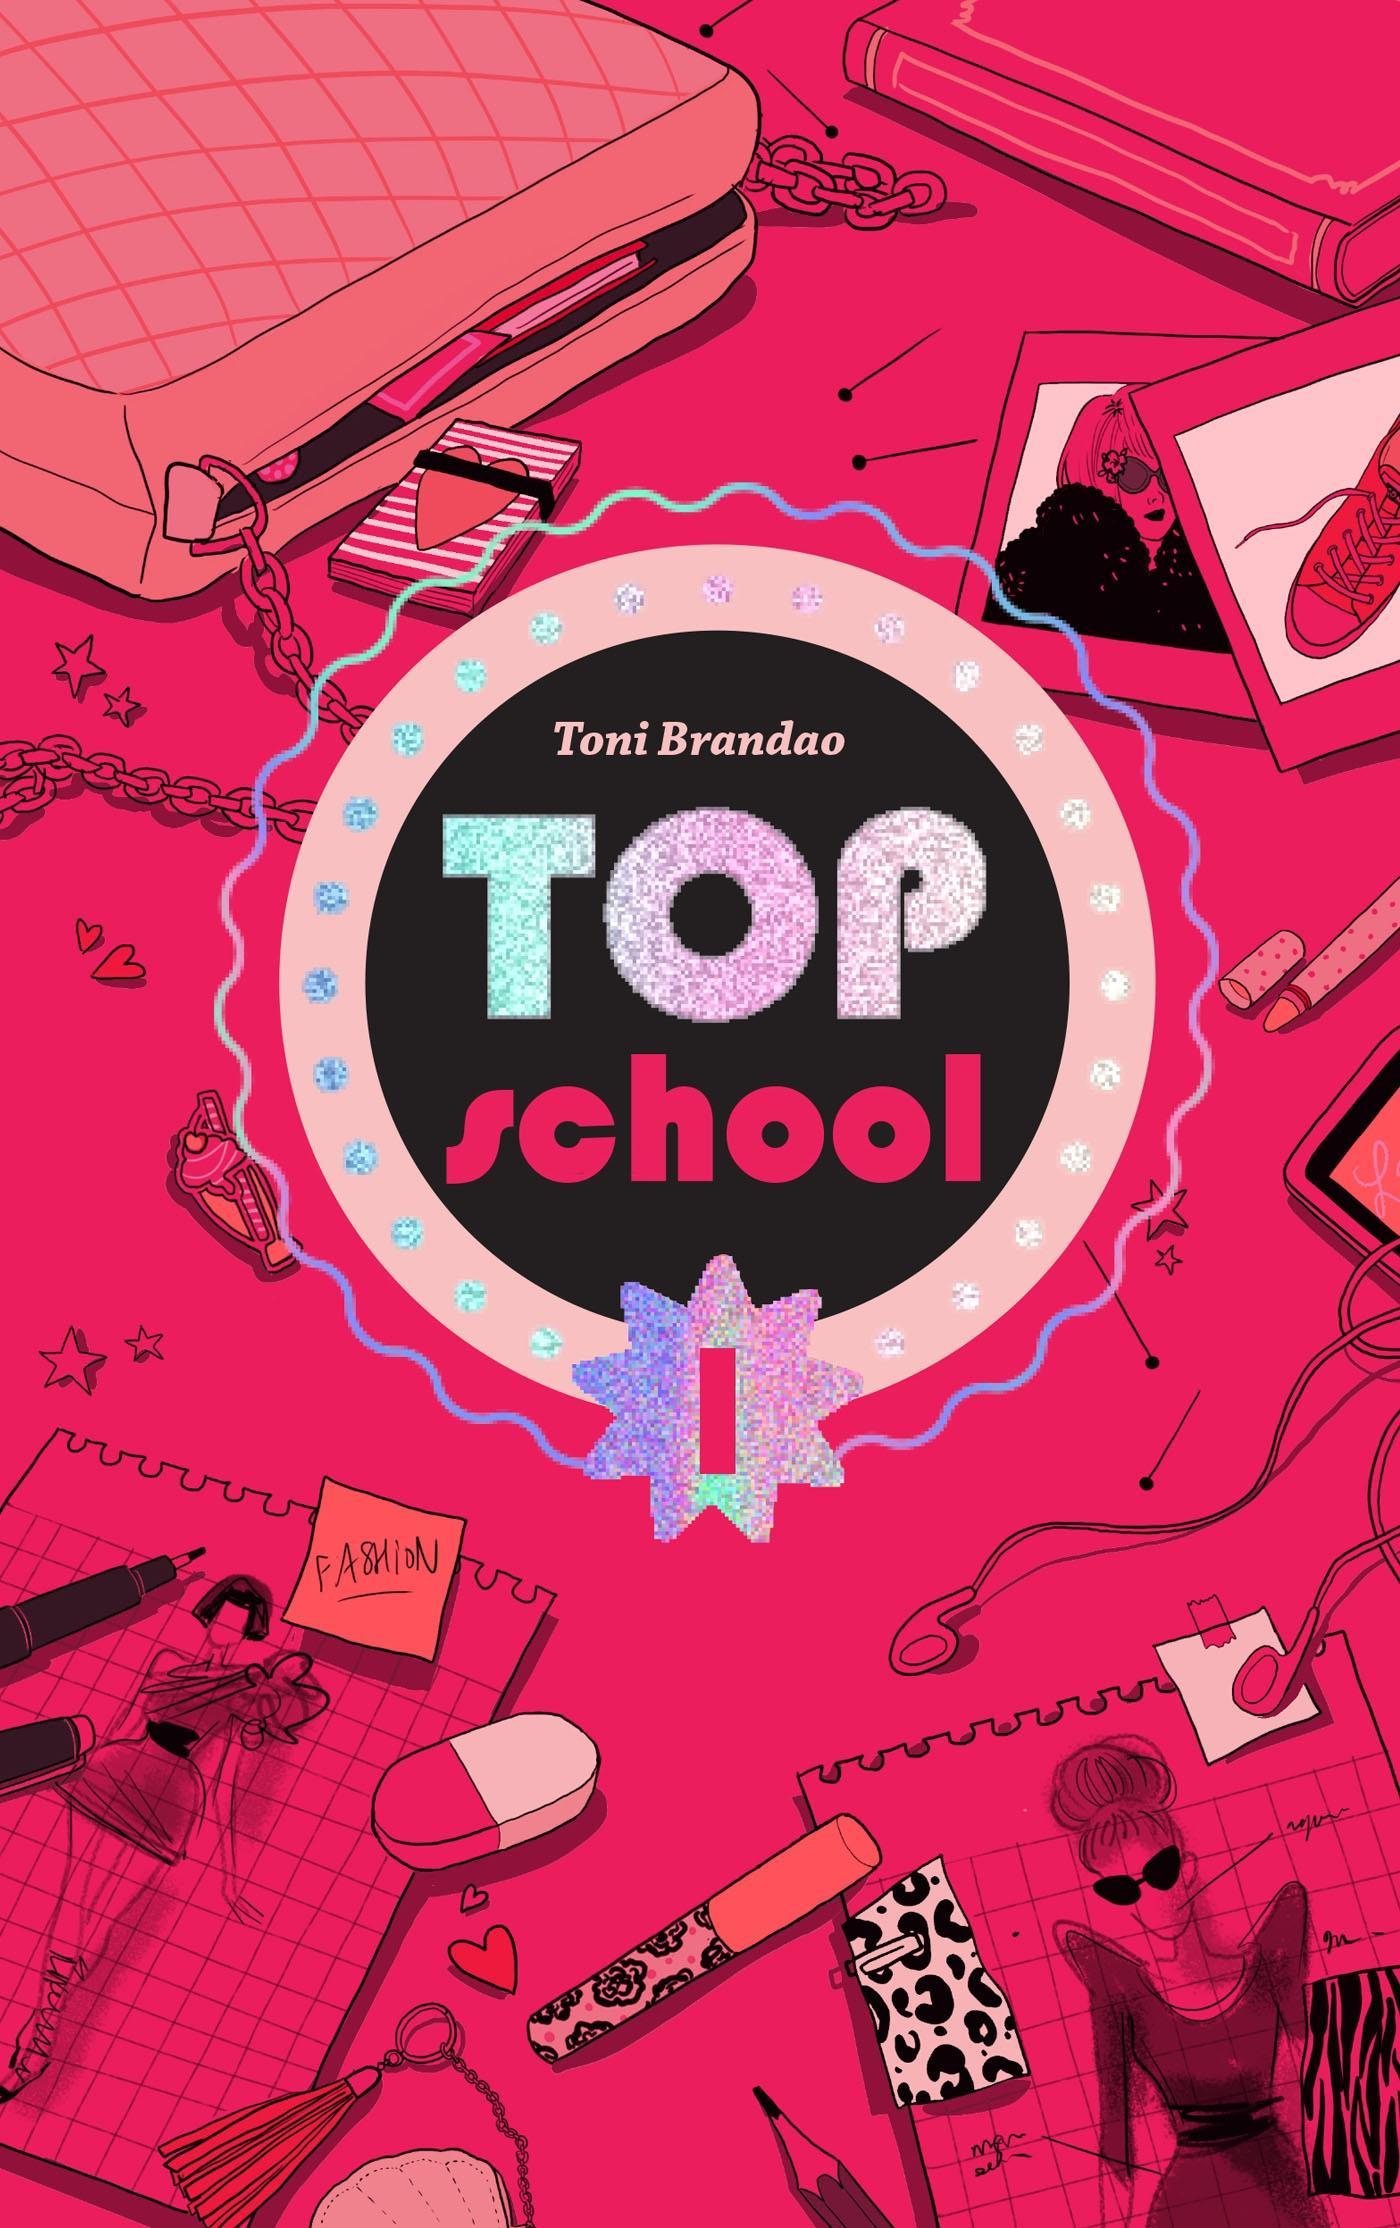 Top school - Tome 1 - L'école des top